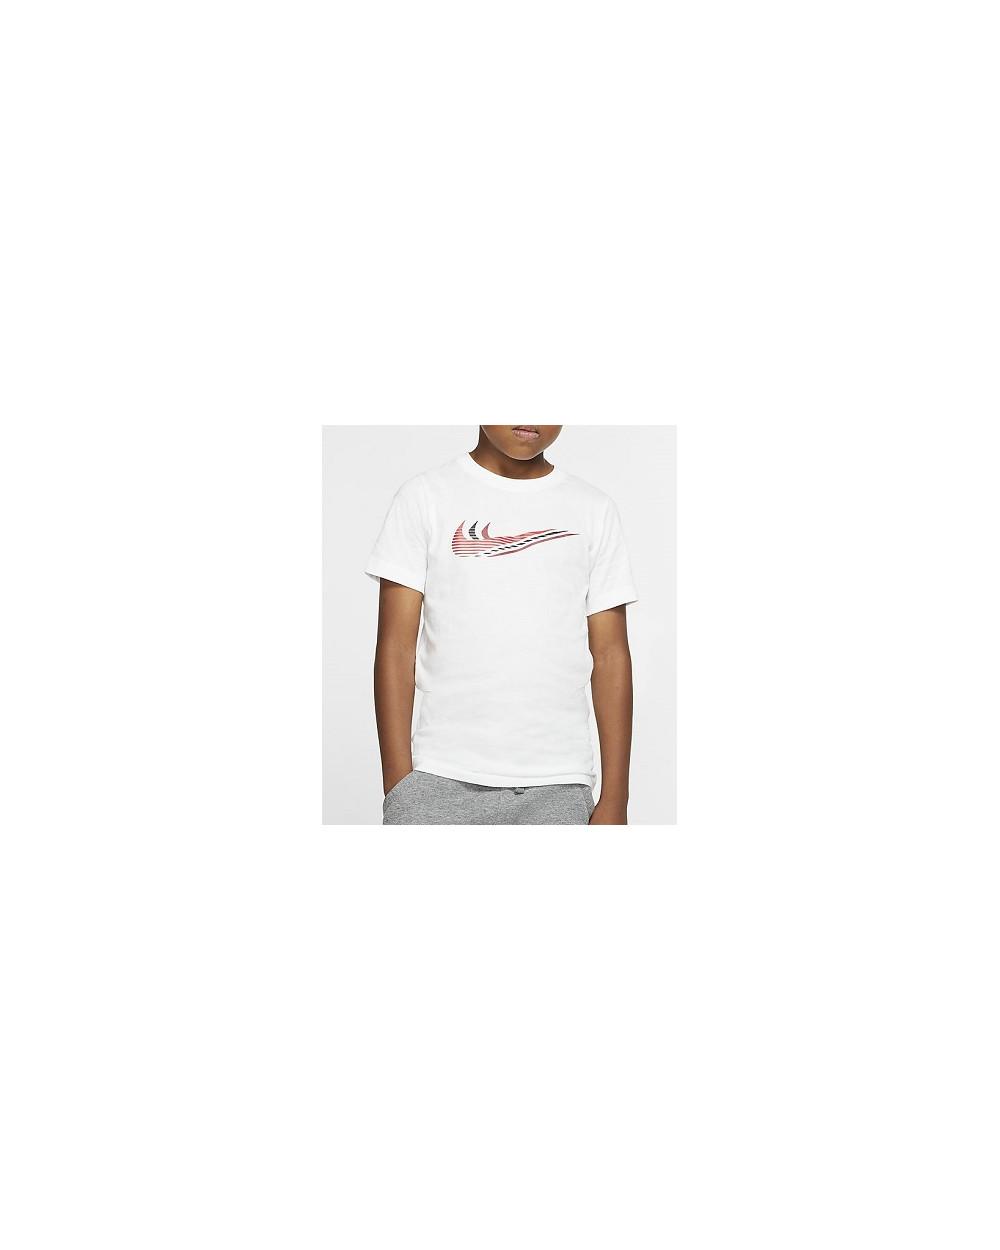 T-SHIRT NIKE BAMBINO CU4572-100